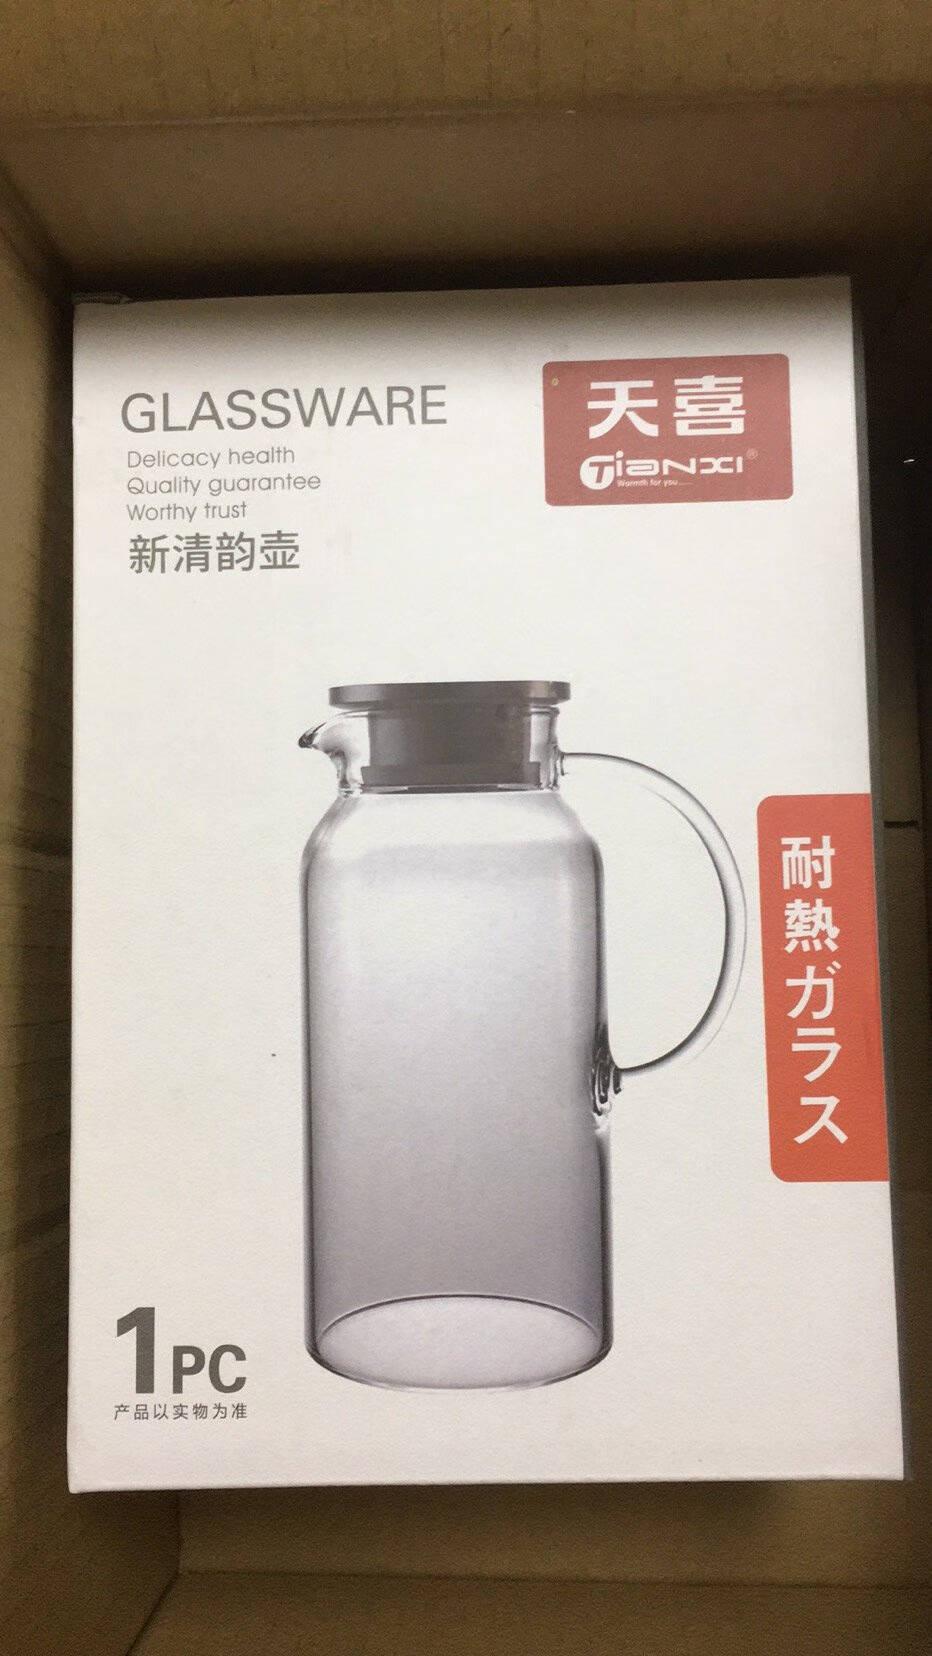 天喜(TIANXI)玻璃杯大容量凉水壶家用耐高温果汁杯冷水壶凉水杯泡茶壶凉瓶不锈钢盖1800ml